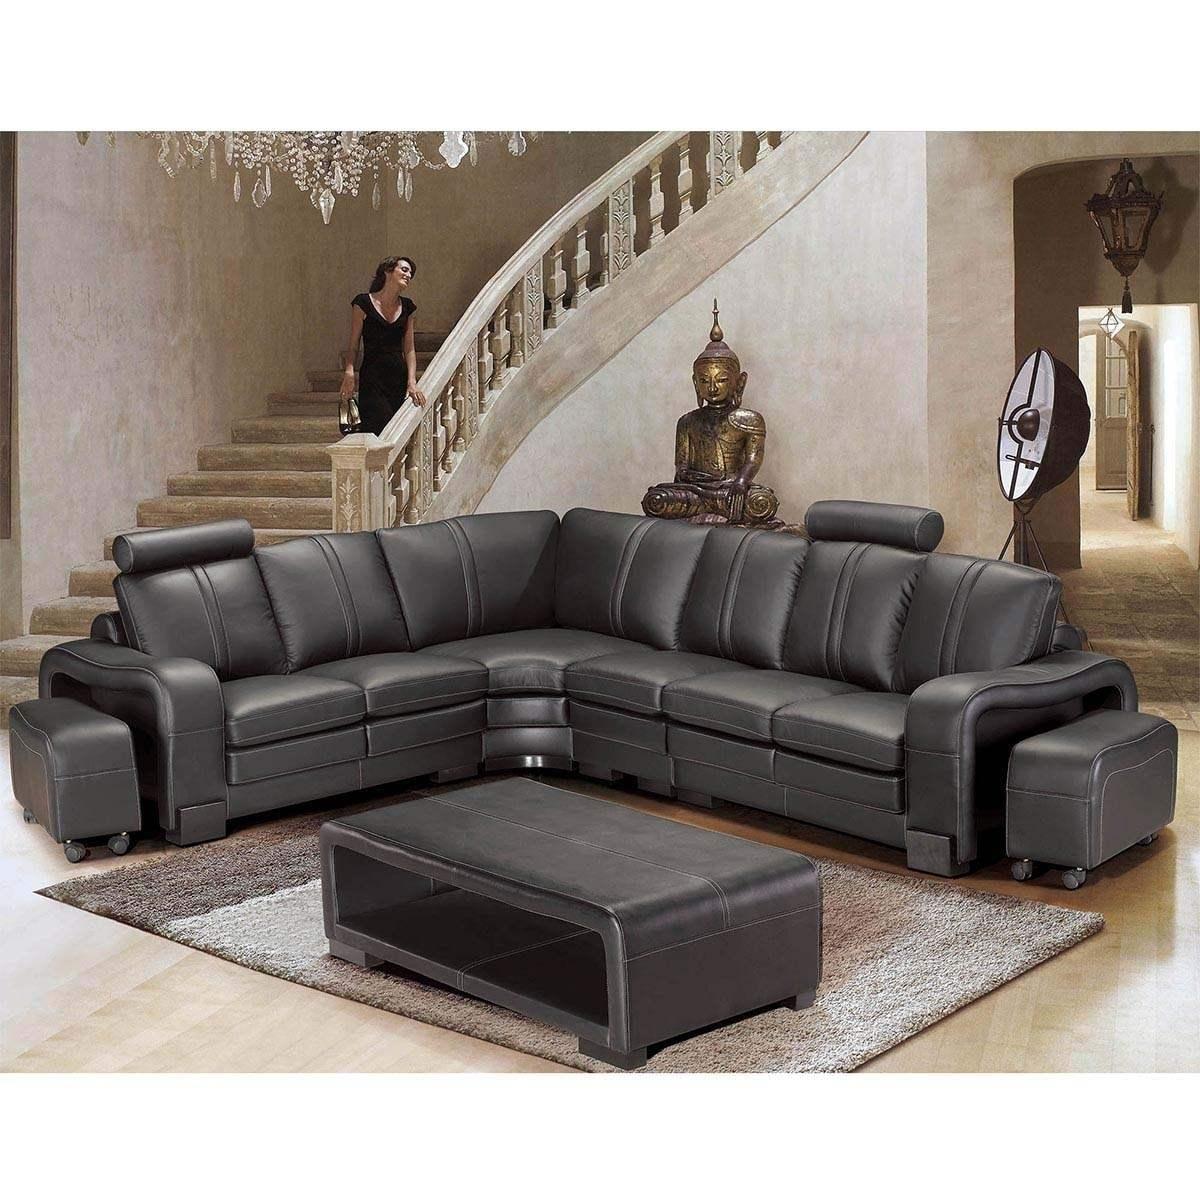 Canapé d'angle réversible en cuir noir et 2 poufs